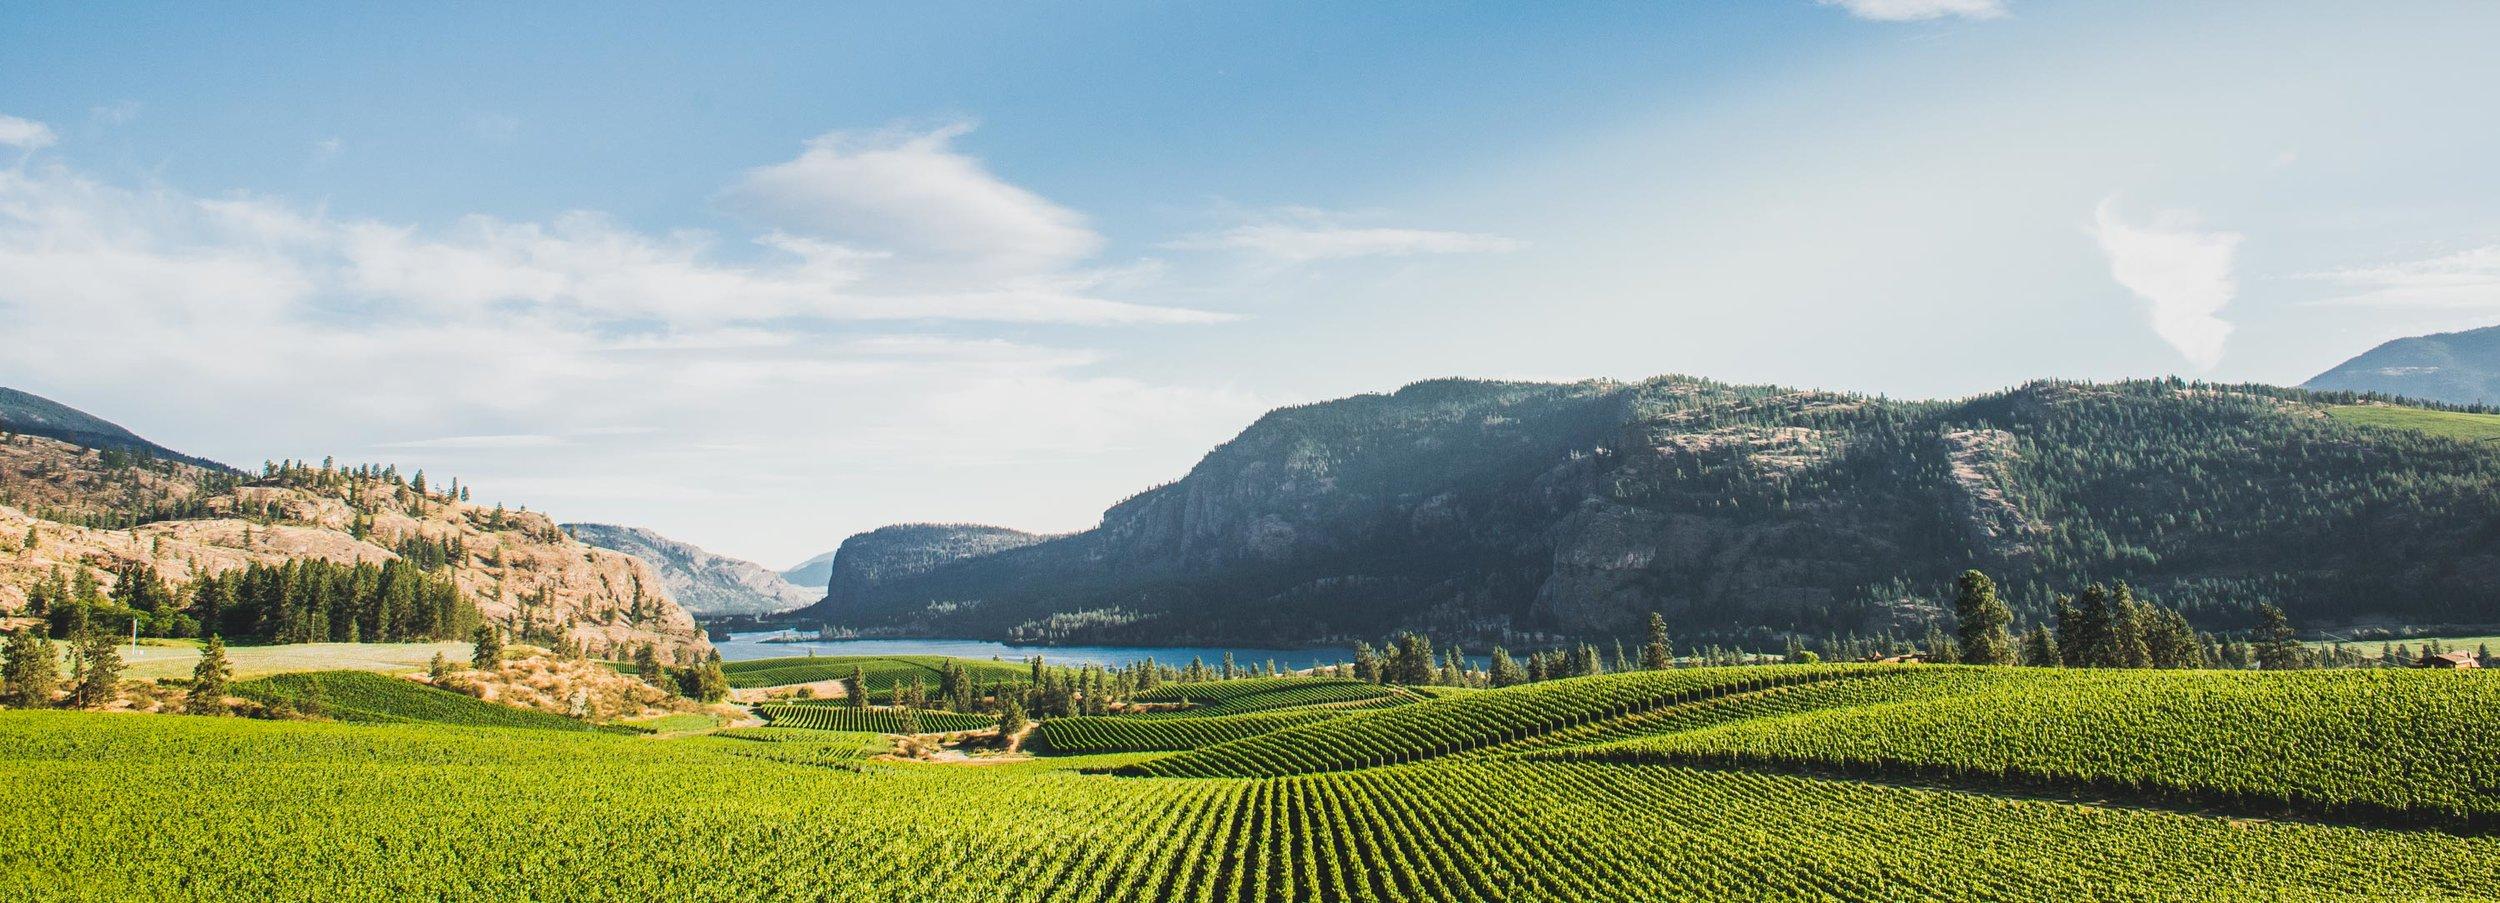 Wine Tasting Vineyard.jpg